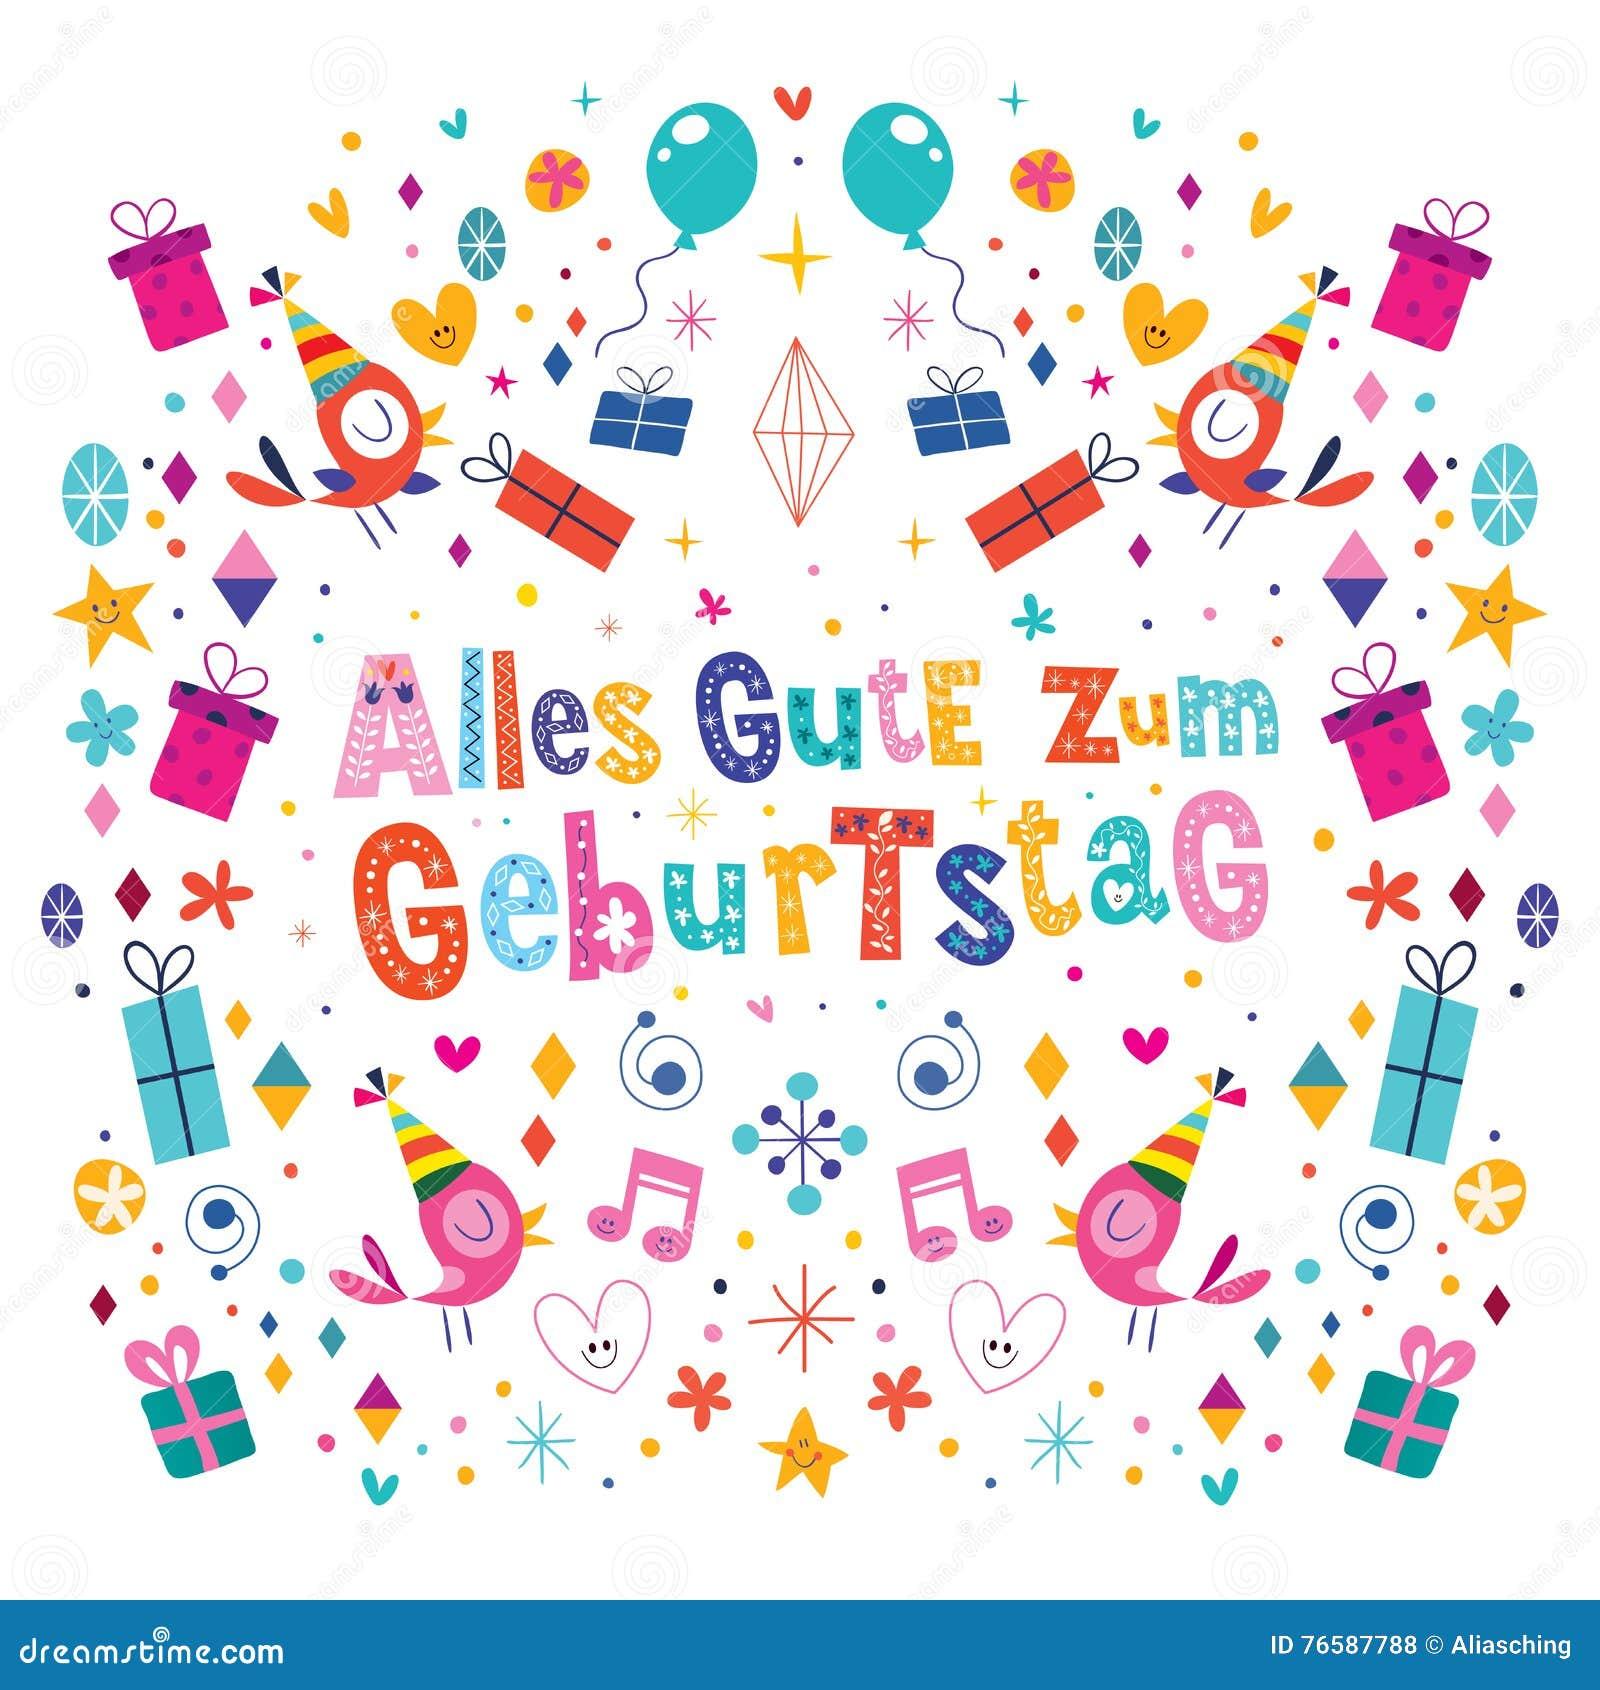 design alles gute zum geburtstag deutsch german happy birthday vector design vector illustration